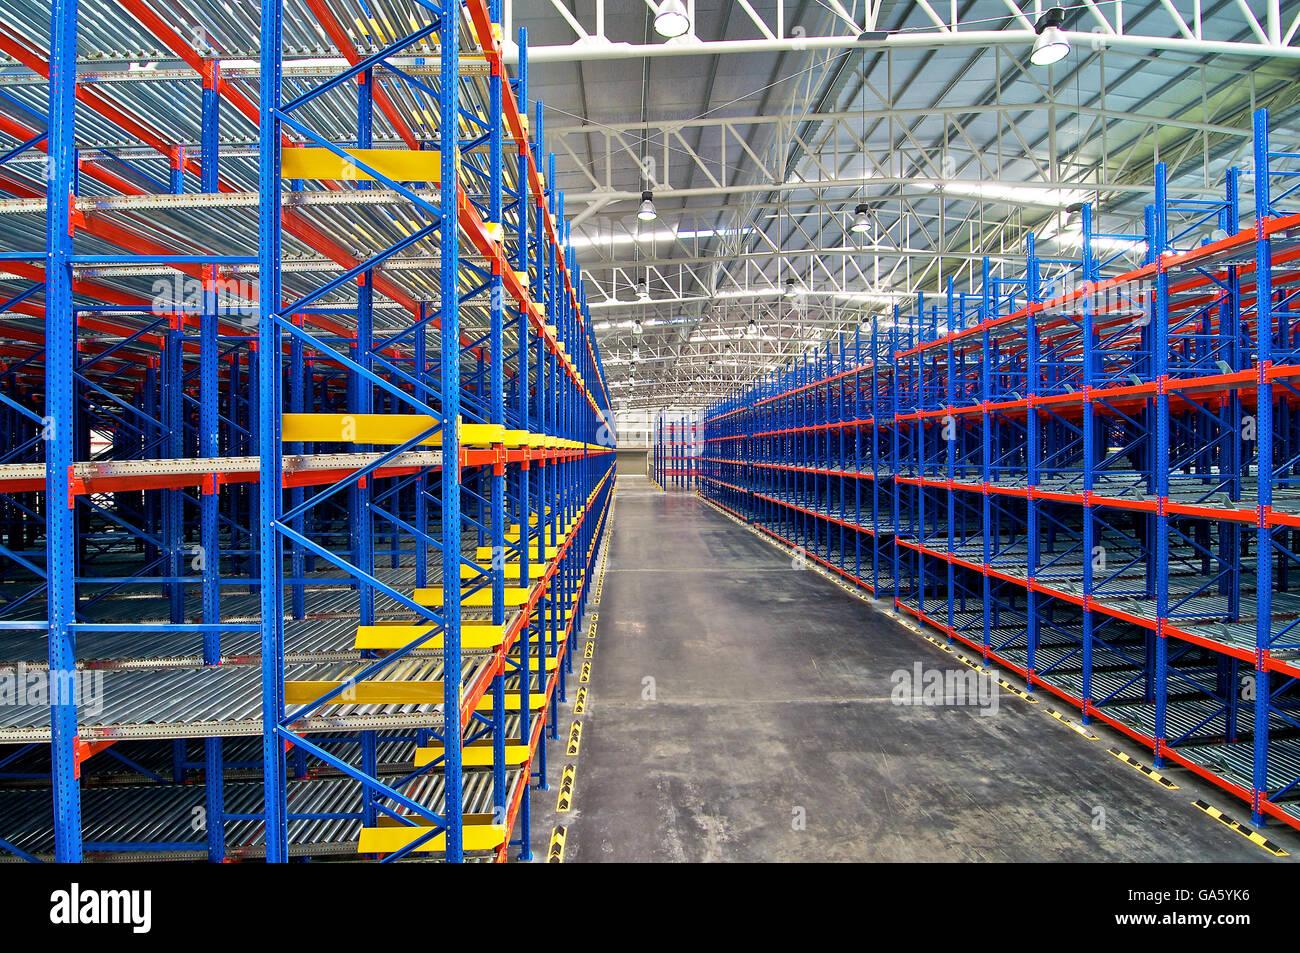 Almacenamiento En Estanterias Metalicas.Almacenamiento Estanterias Metalicas Sistemas De Paletizacion Foto